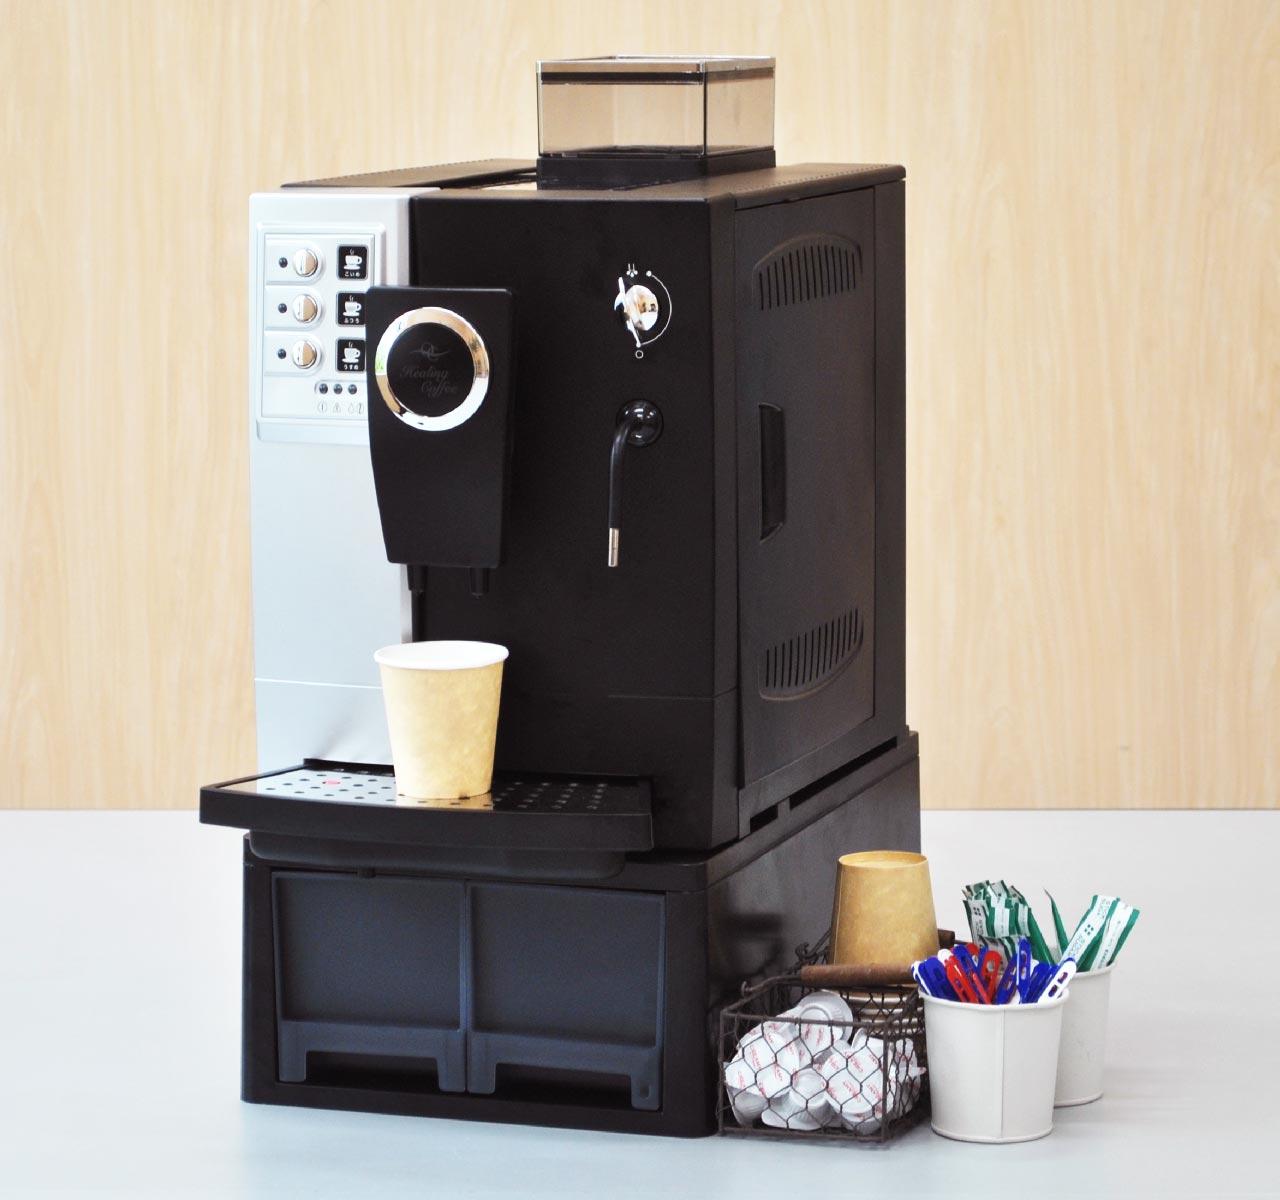 おふぃすこんびにスペシャルティコーヒー:コーヒーマシンの写真